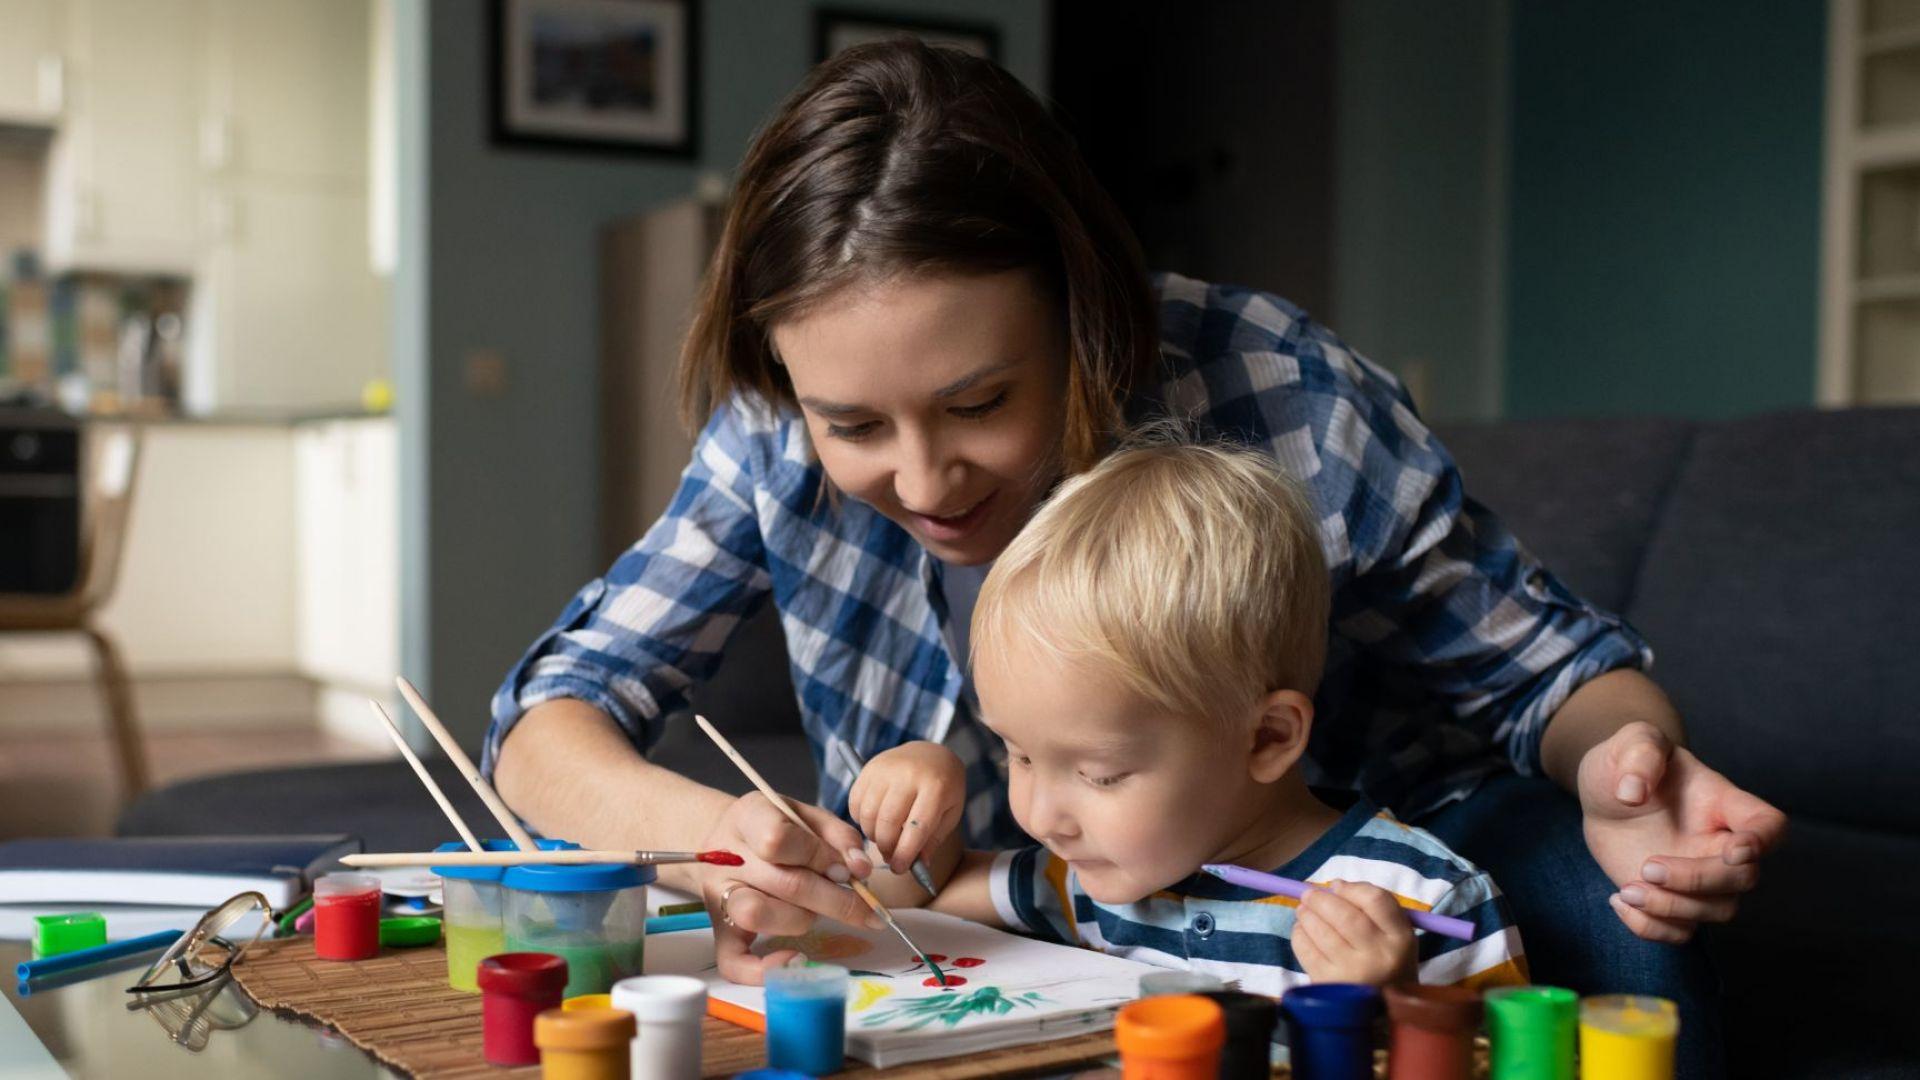 Семействата имат възможност да кандидатстват за детегледачка до 2023 г.